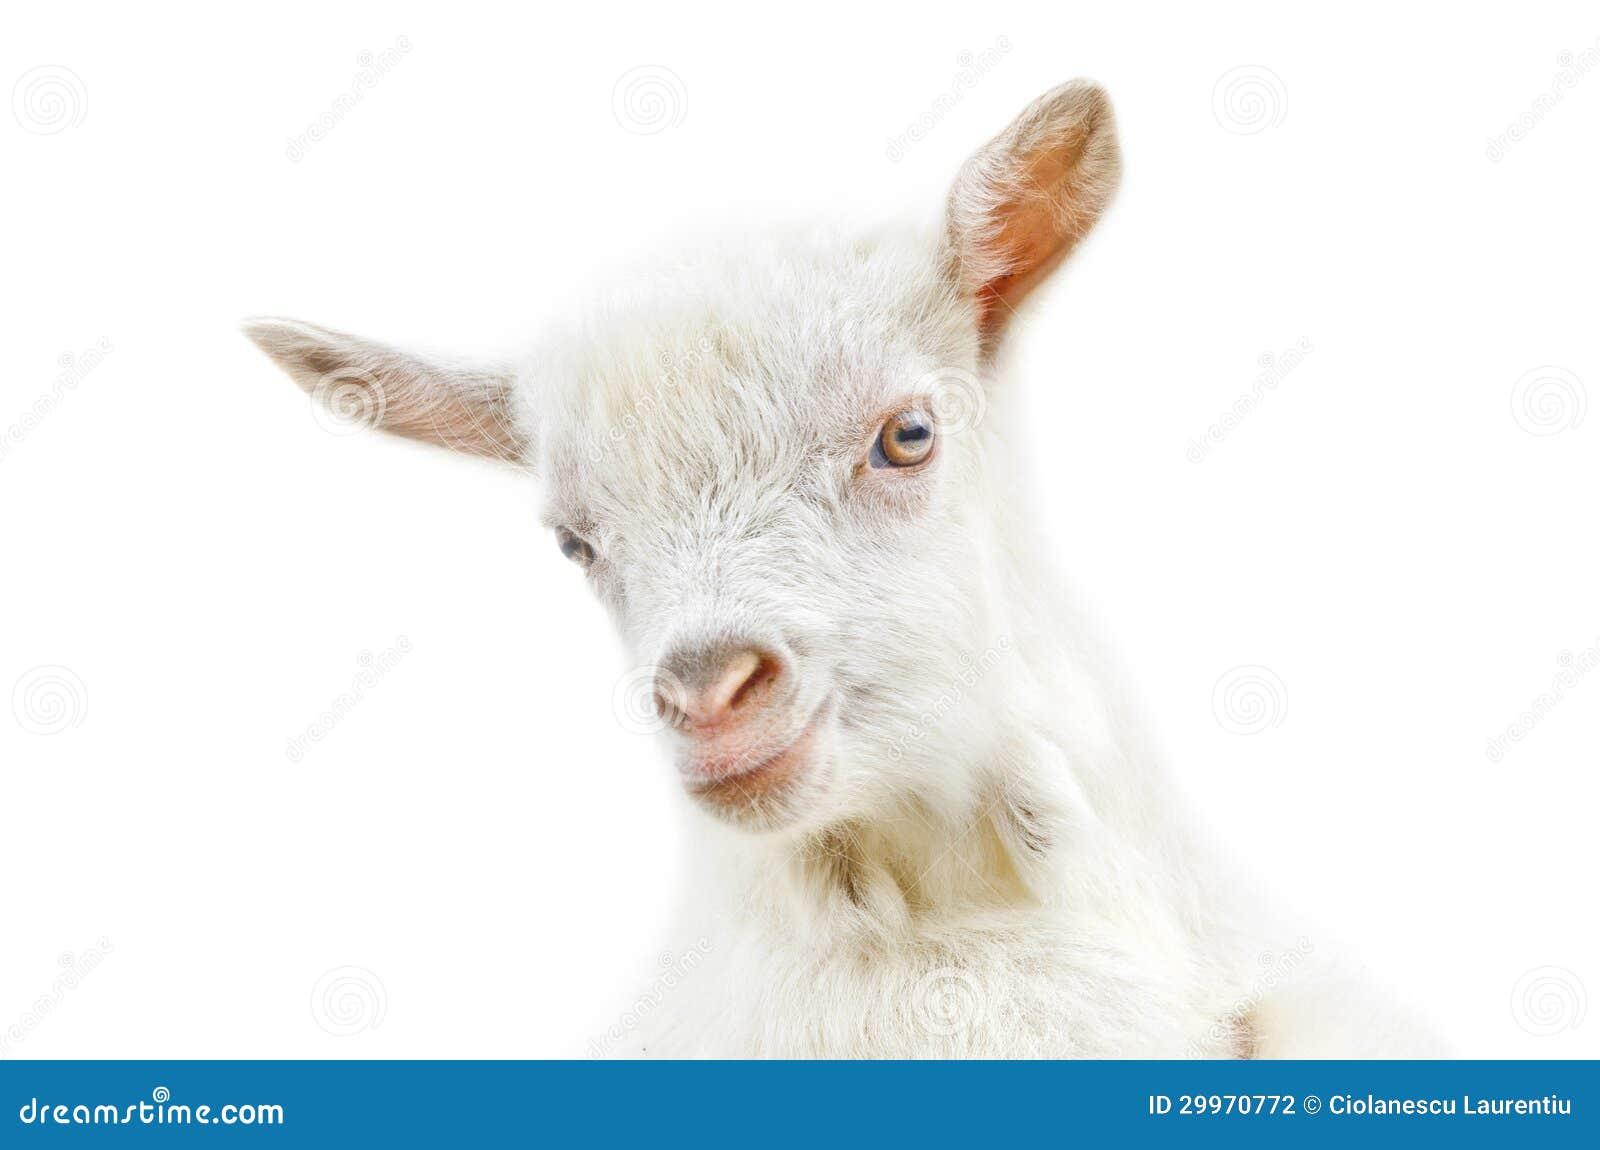 White baby goat stock photo. Image of livestock, sweet - 29970772  One Goat White Background